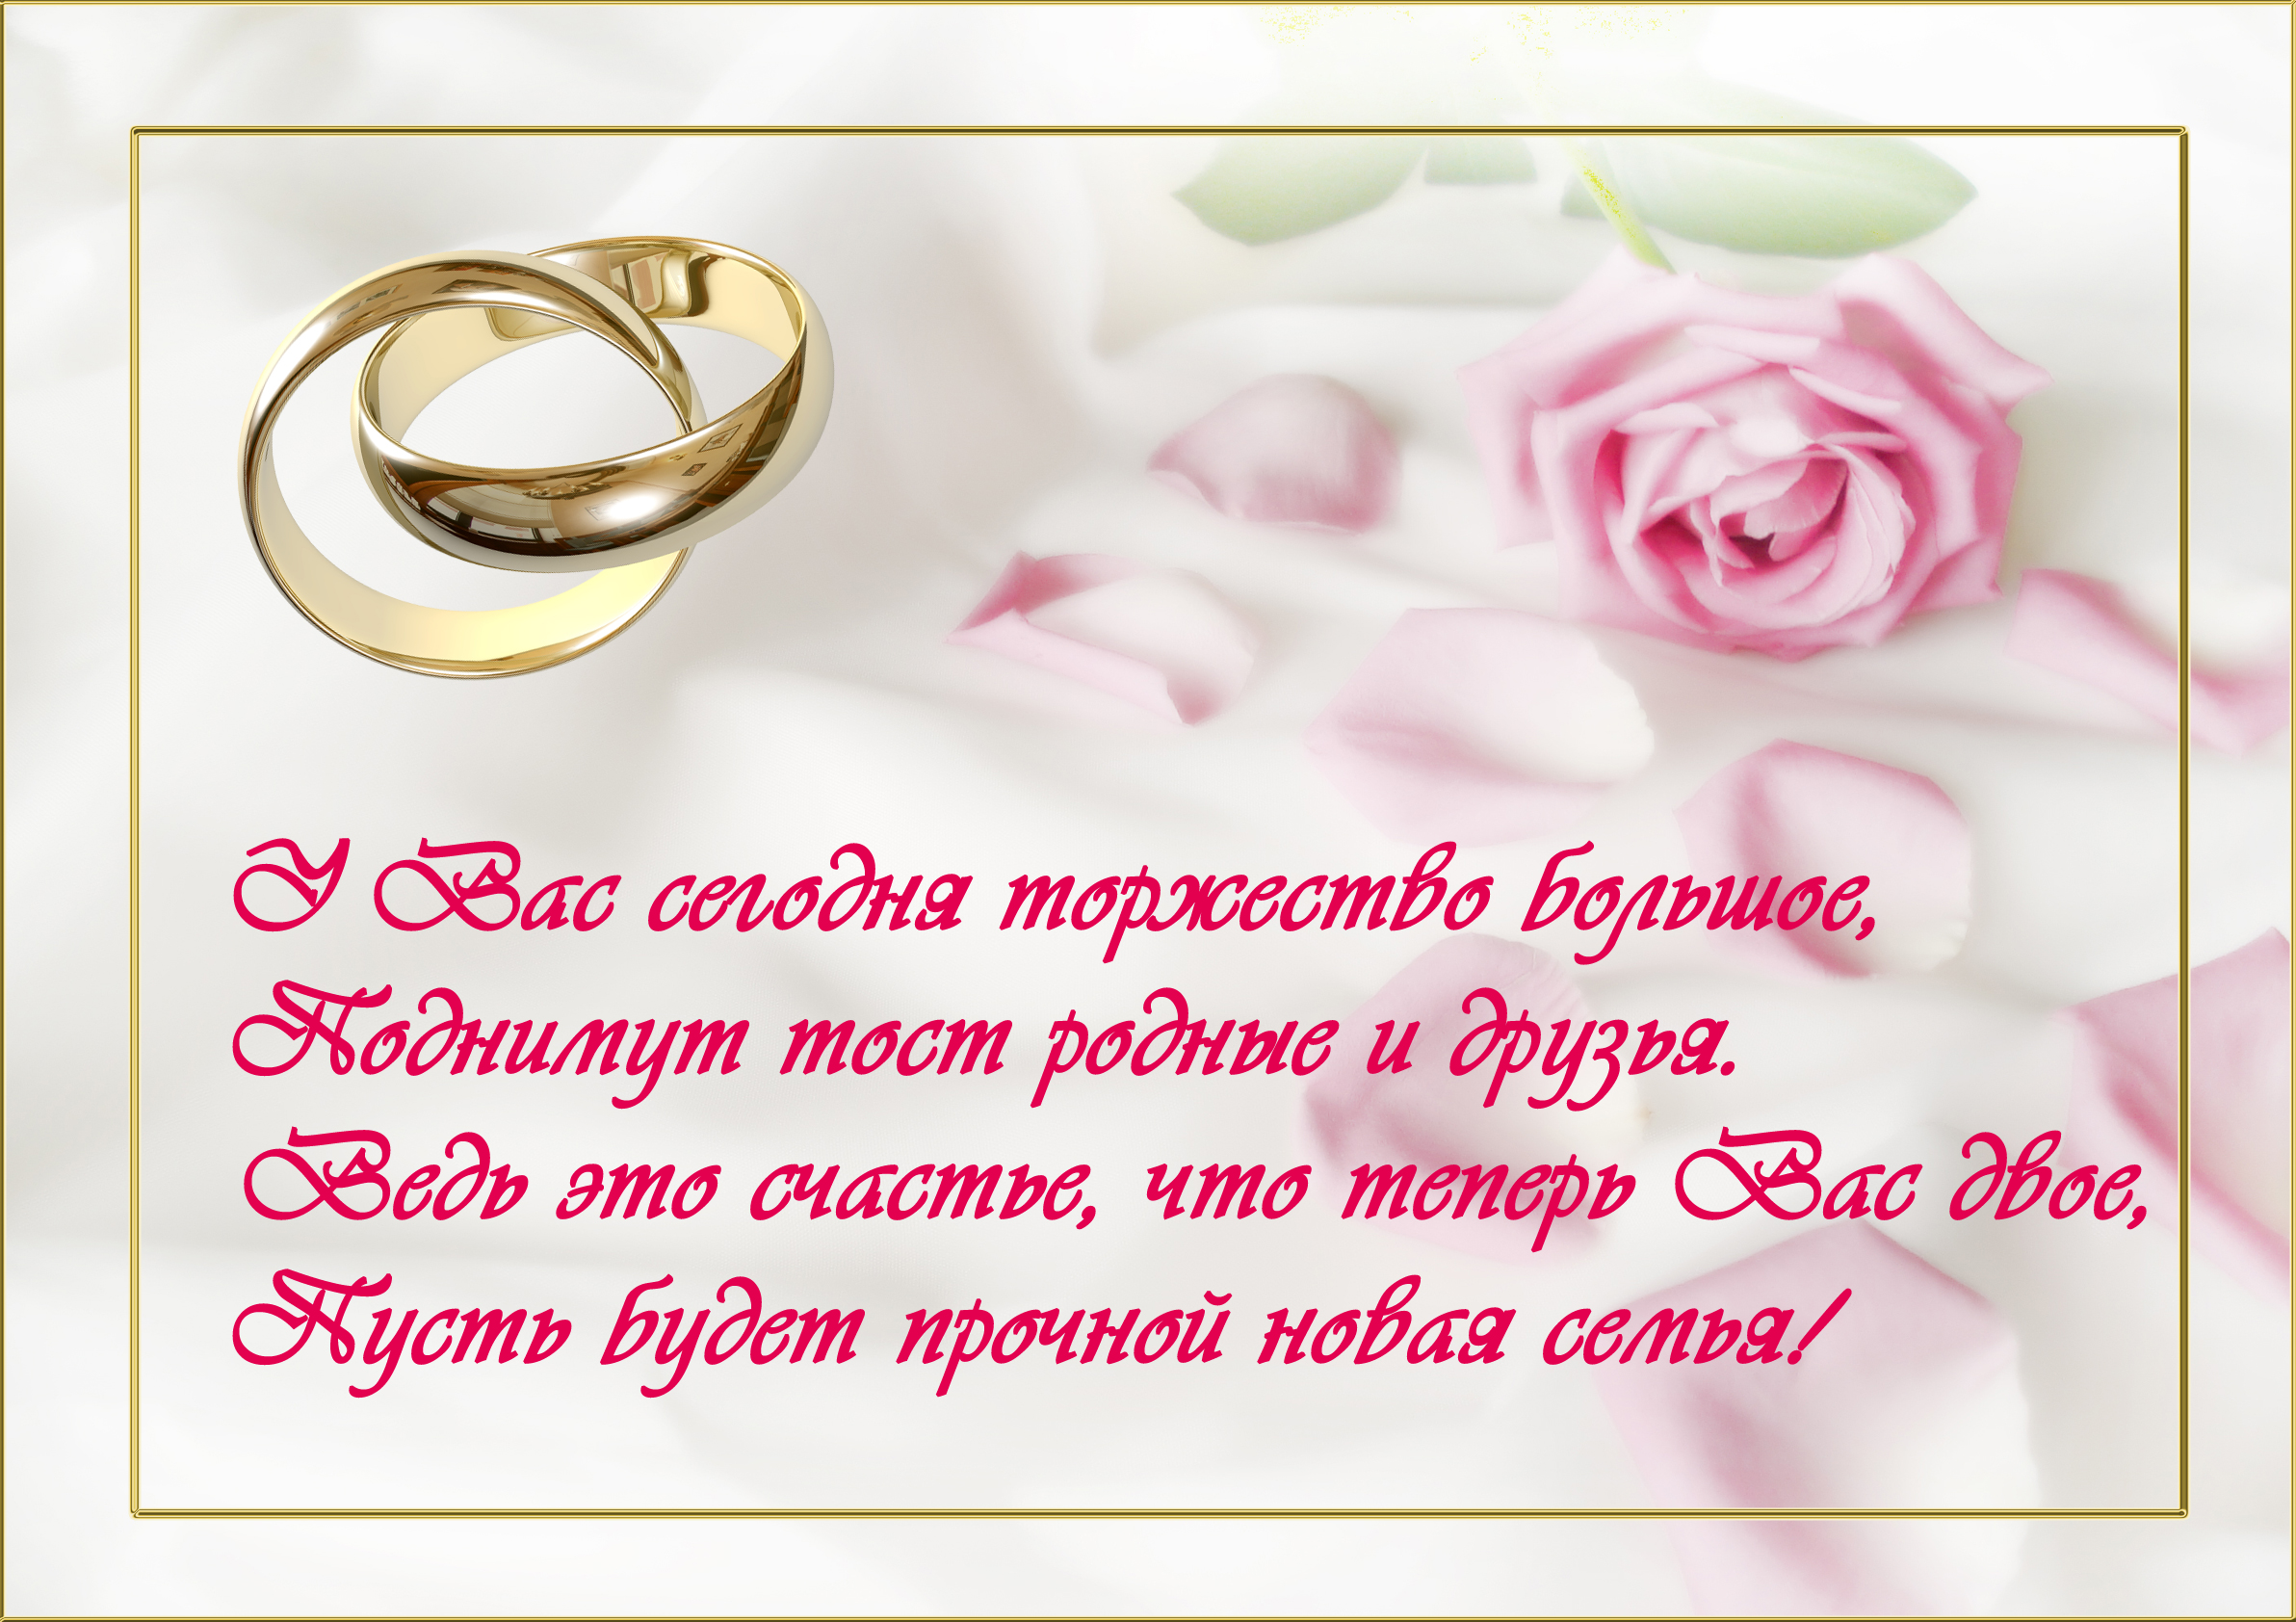 Поздравление детей на свадьбе от родителей на татарском